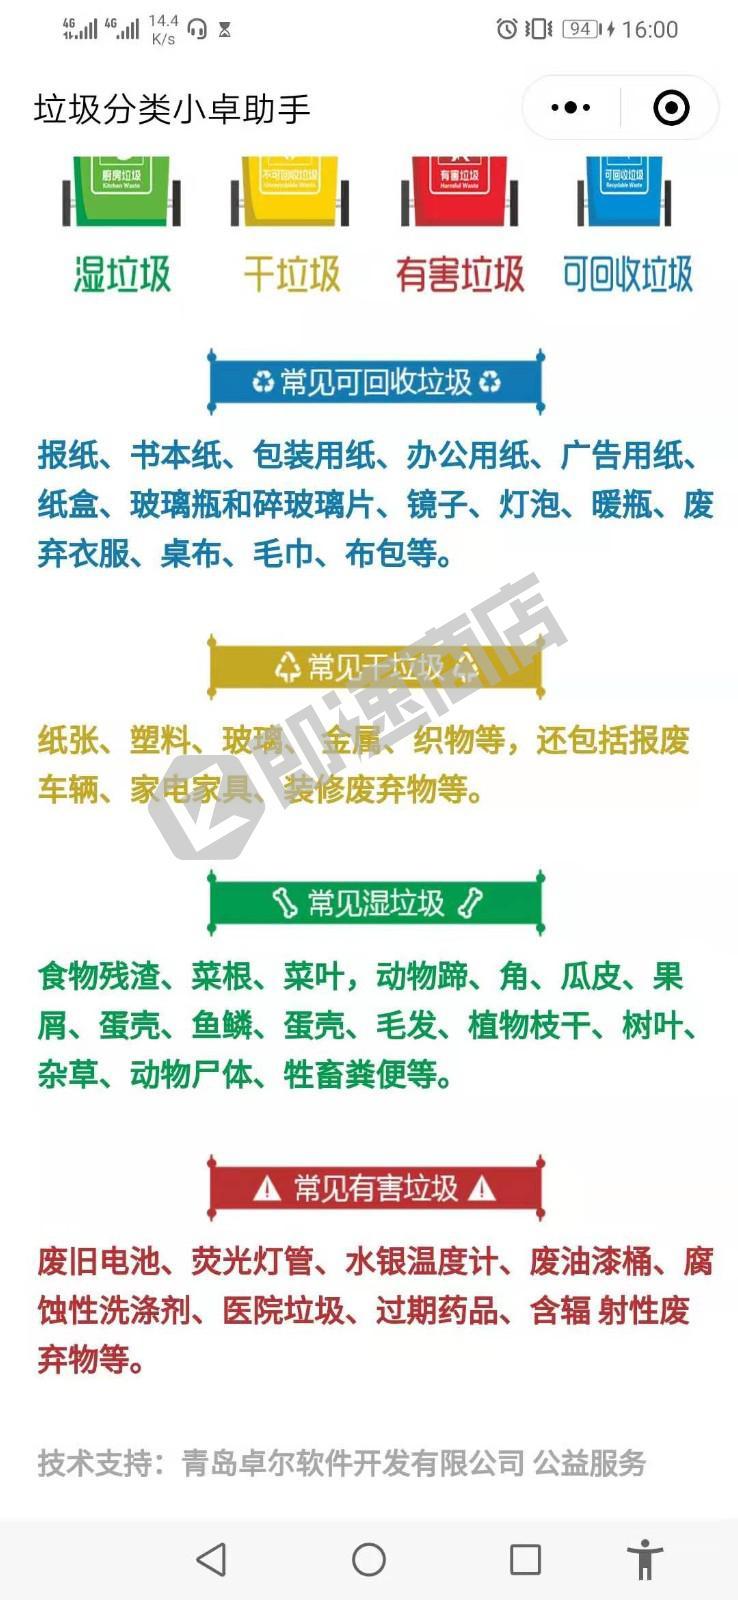 卓尔垃圾分类管家小程序列表页截图